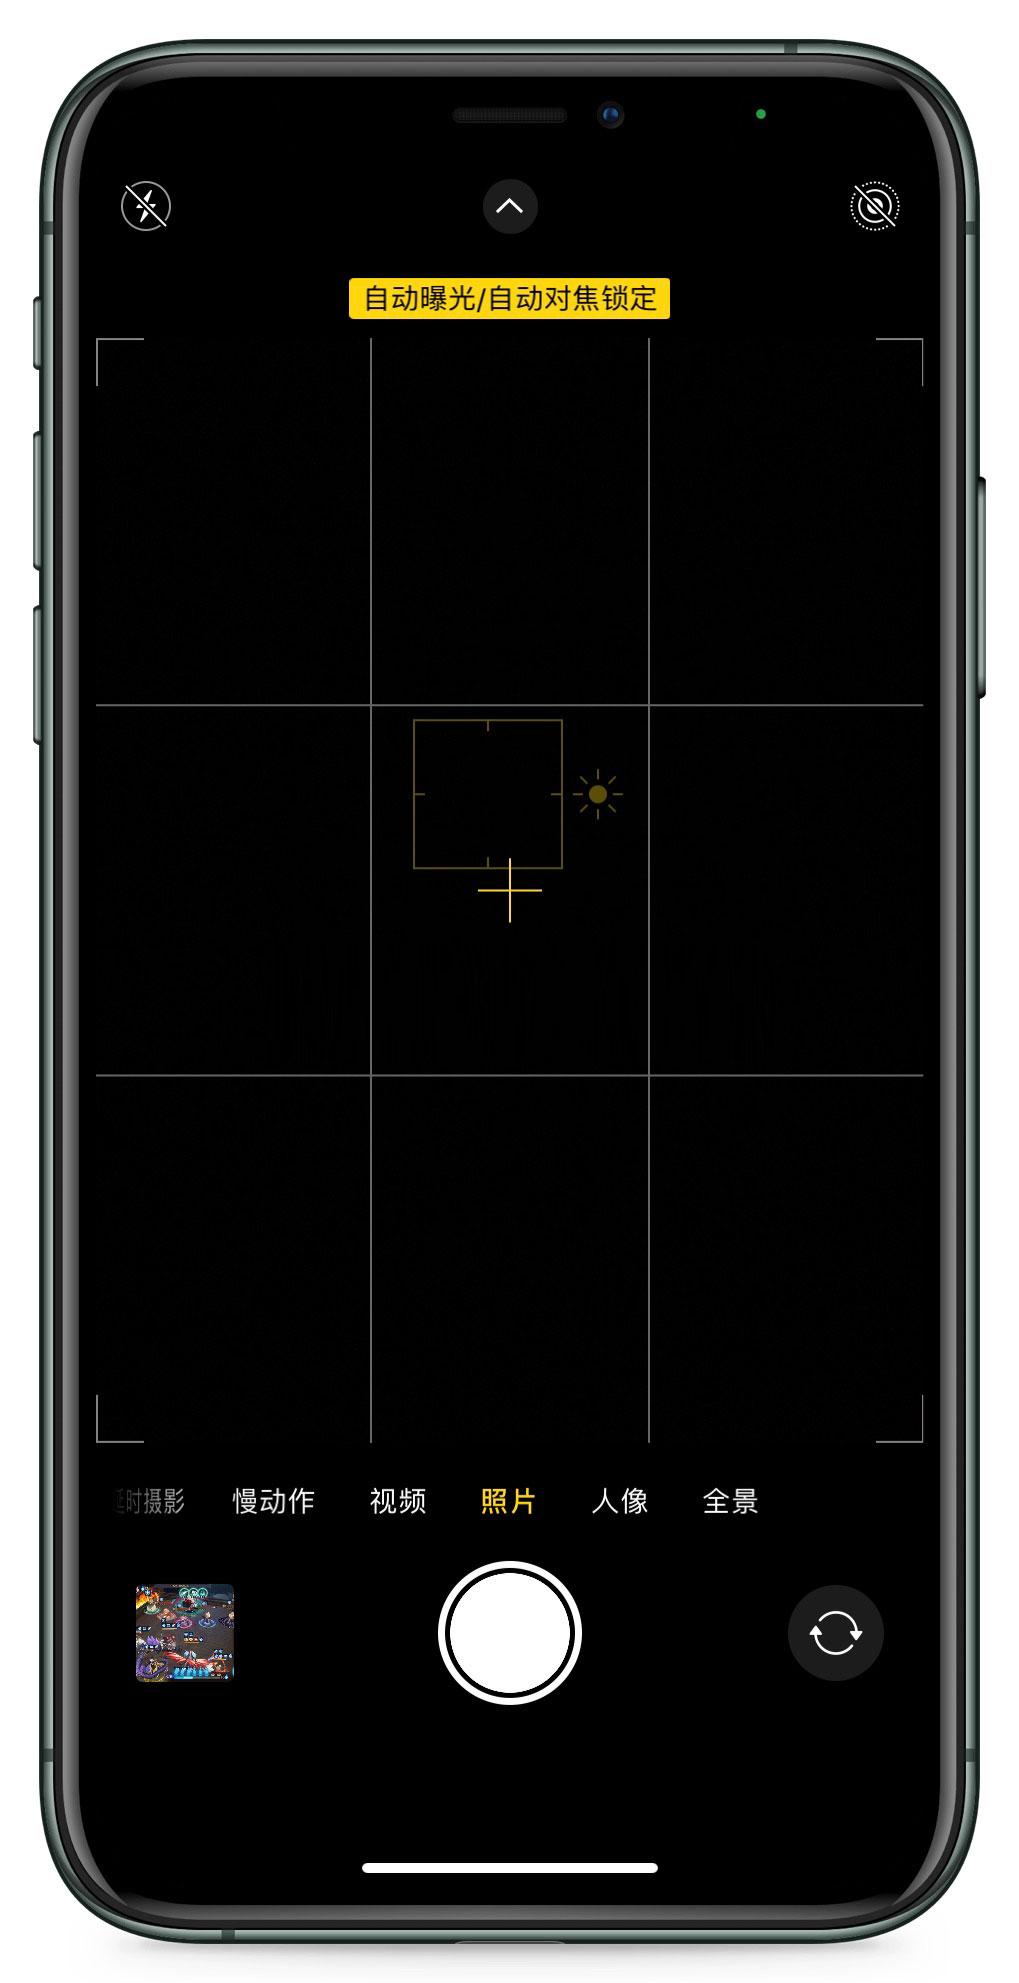 手机资讯:iOS14中相机有哪些升级iOS14相机功能汇总